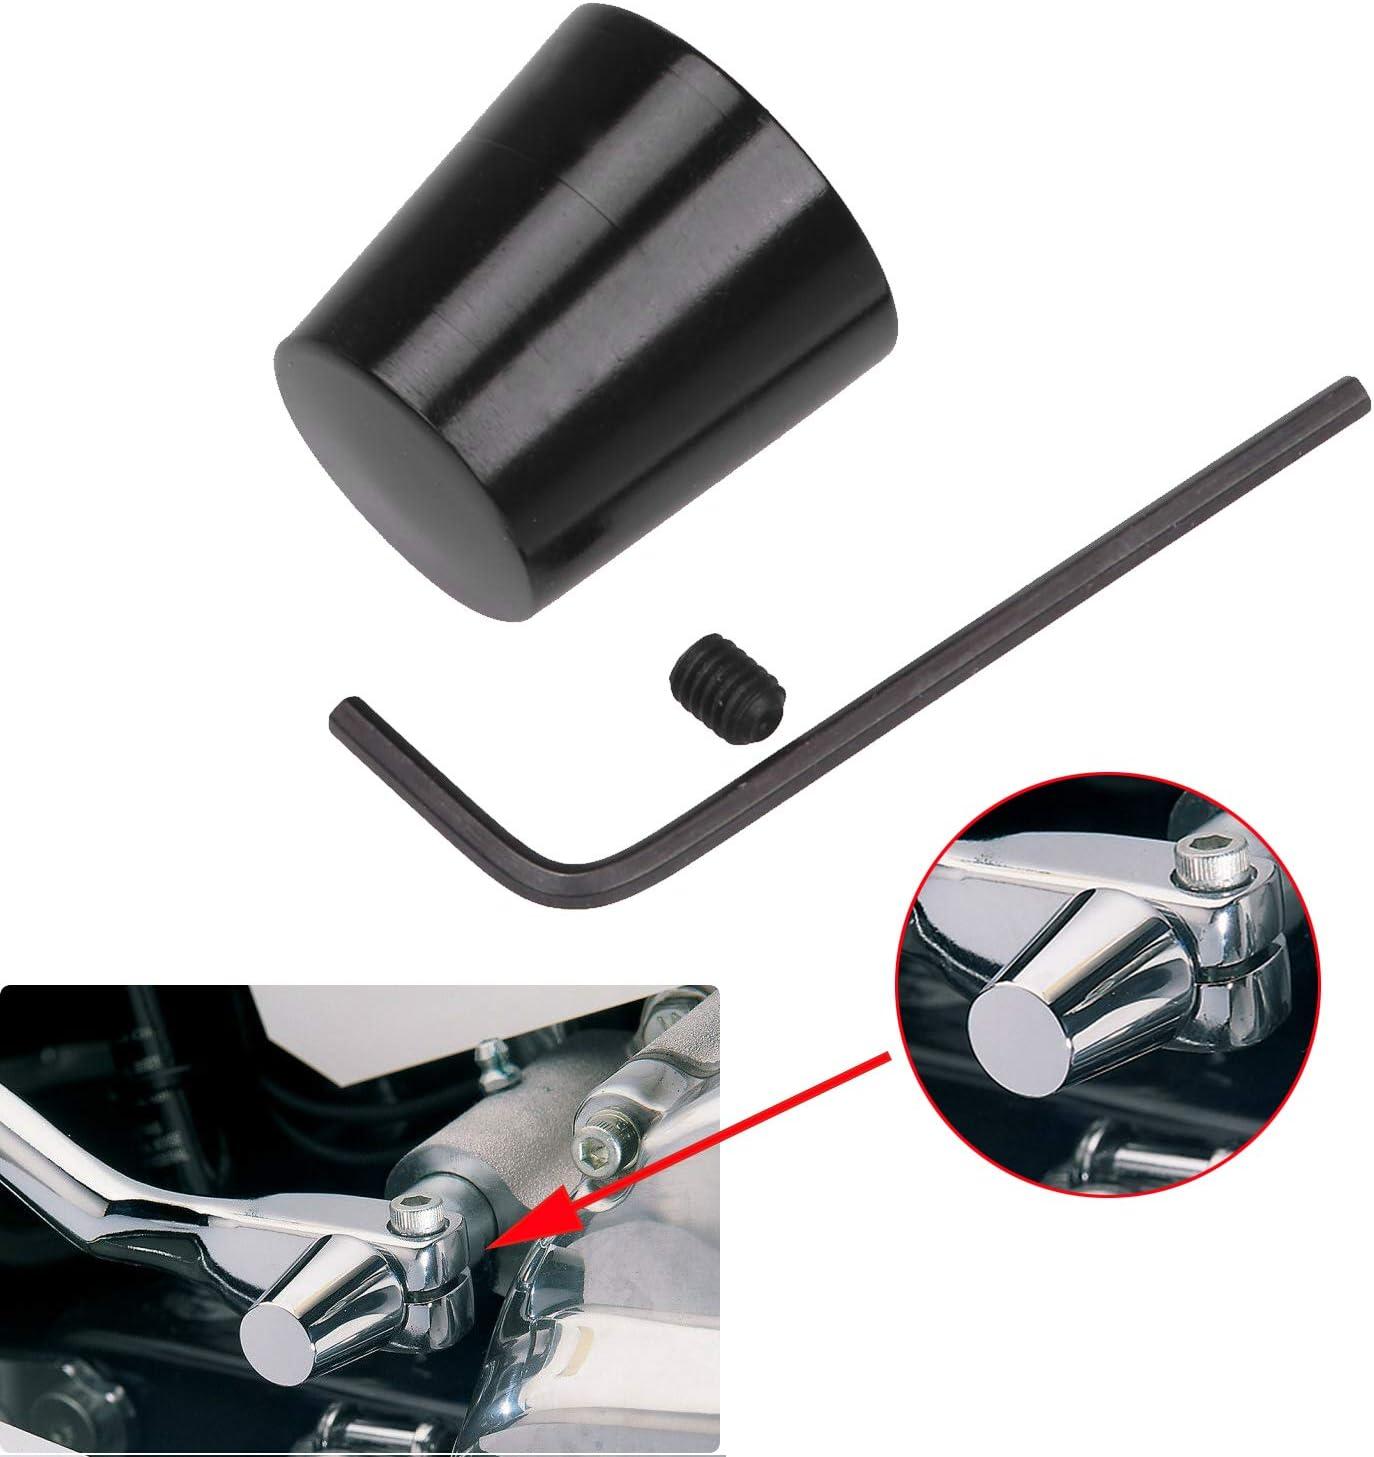 Black Aluminum Heel Shift Lever Eliminator For Harley Tour Glides Electra Glides Road Glides Street Glides /& Trikes